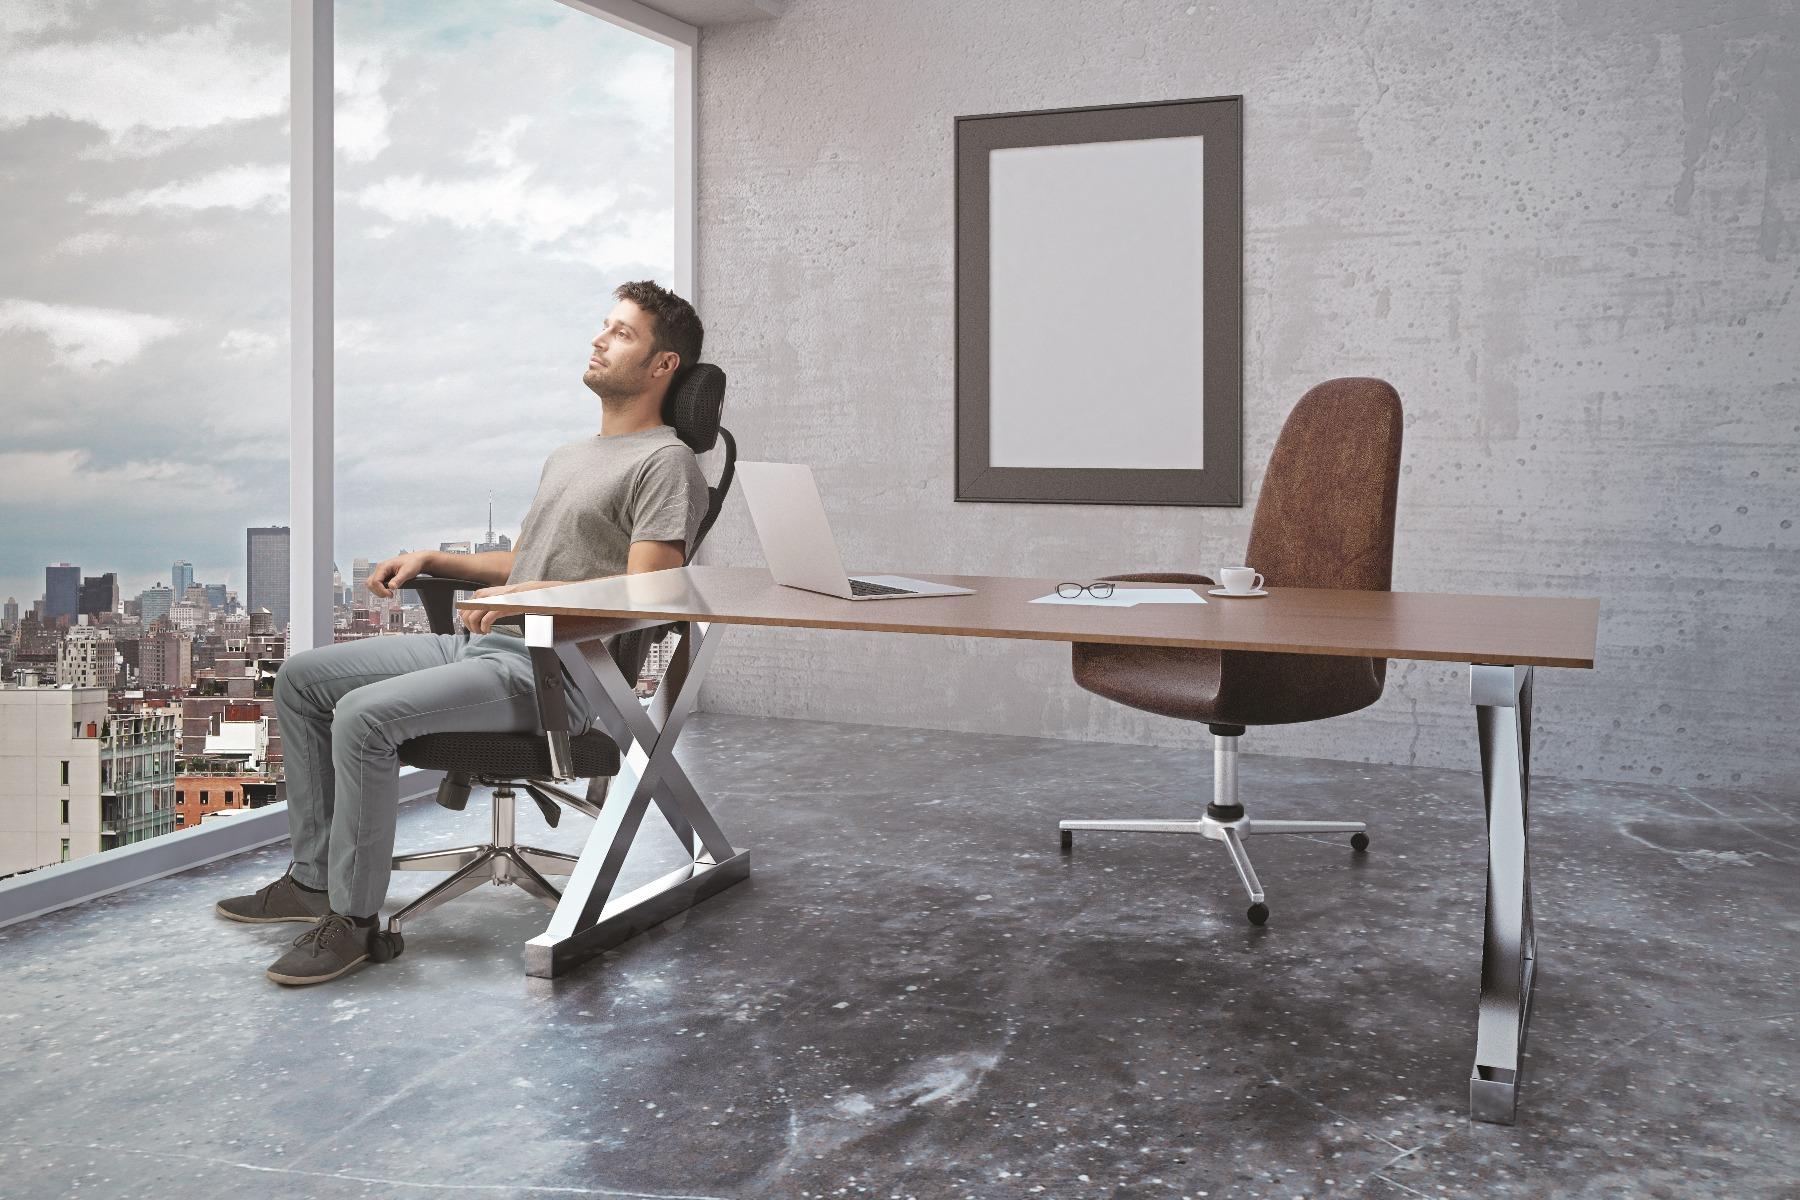 הדרך הנכונה לשבת מול המחשב - תמונה מספר 1